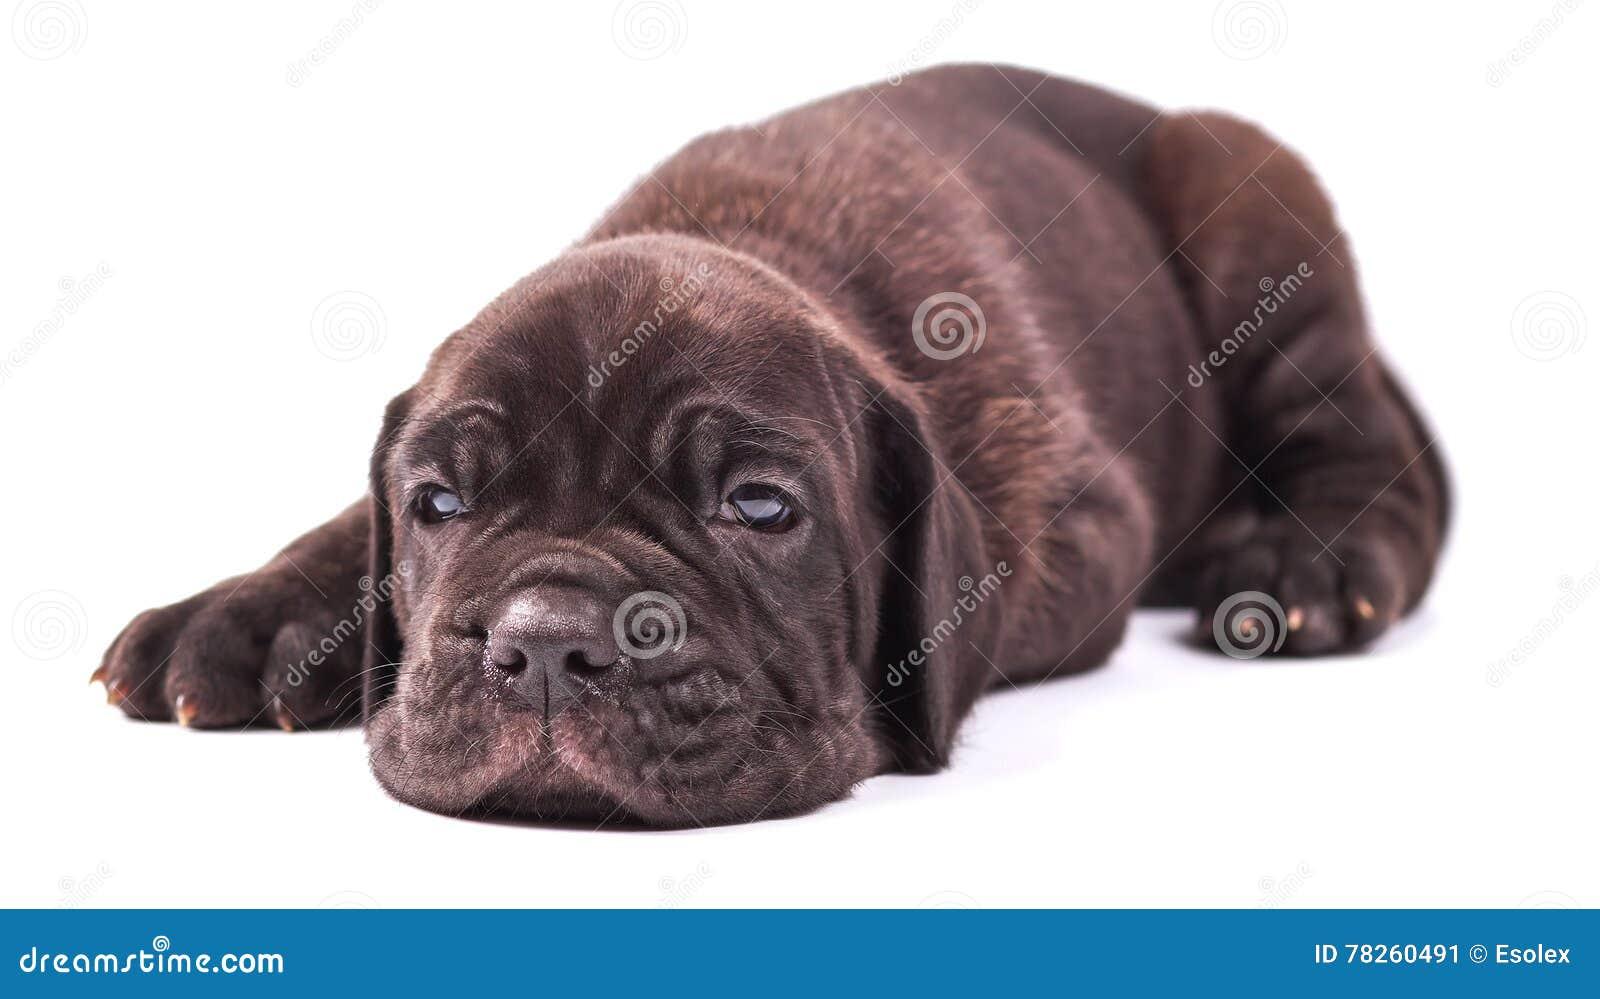 Νέα corso & x28 καλάμων μαστήφ puppie ιταλικά 1 month& x29  να βρεθεί